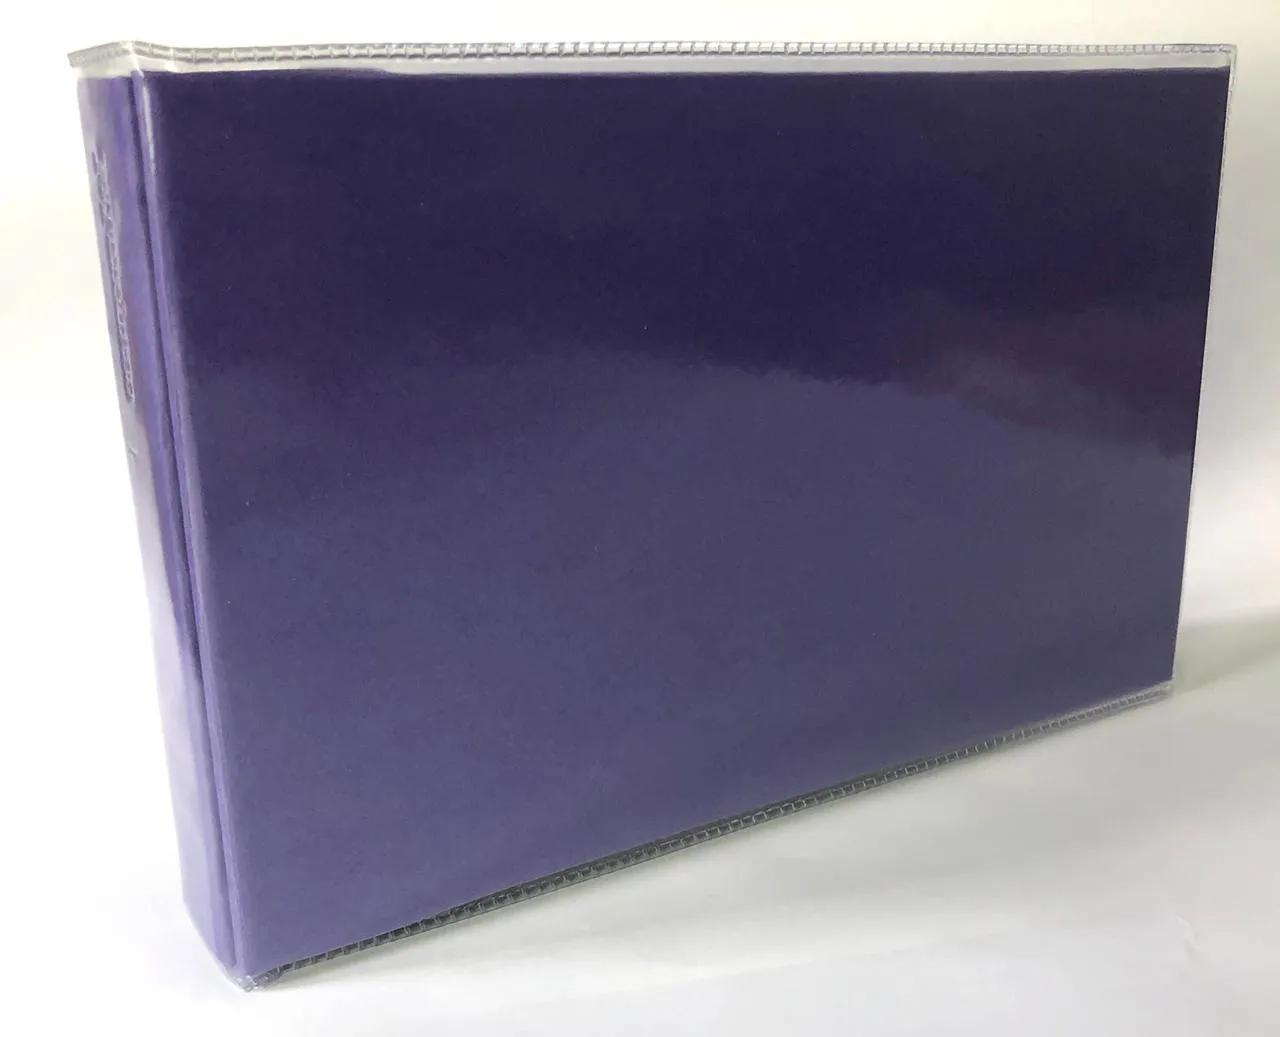 Álbum miolo plástico para 36 fotos 10 x 15 cm - Roxo - Paperchase (2223-R)